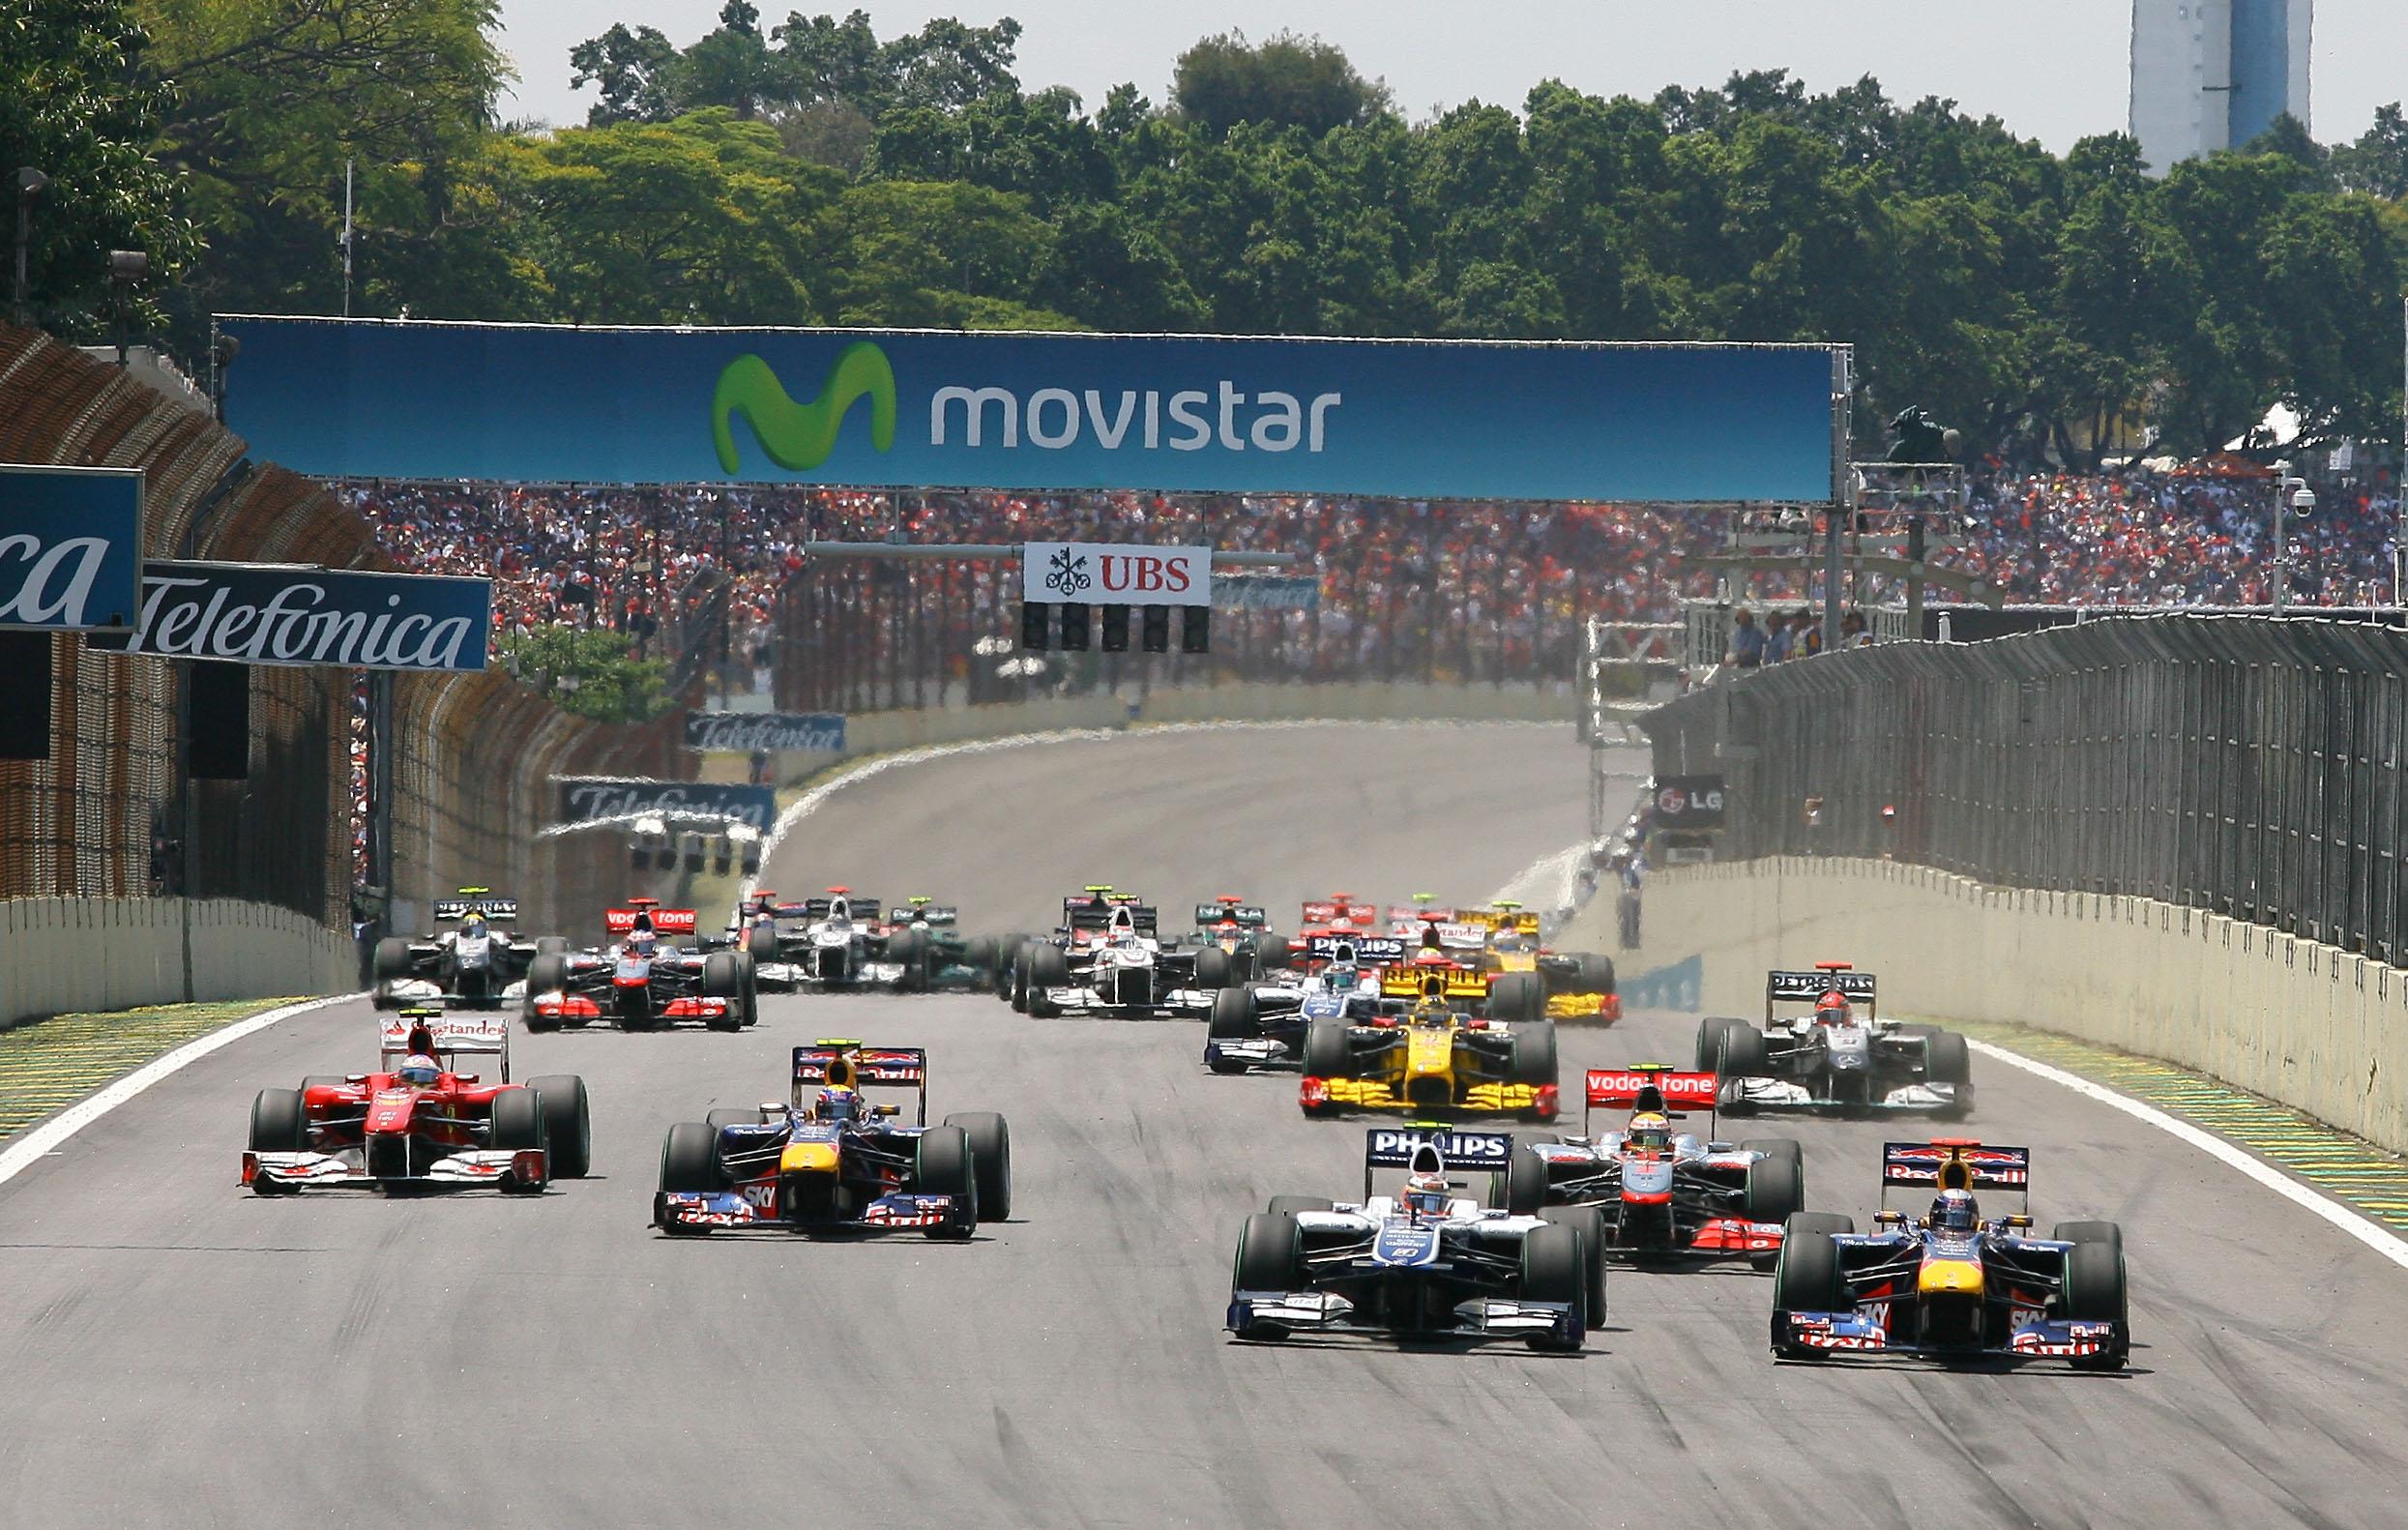 Largada da edição 2010 do GP do Brasil de Fórmula 1. Foto: Beto Issa/ GP Brasil.